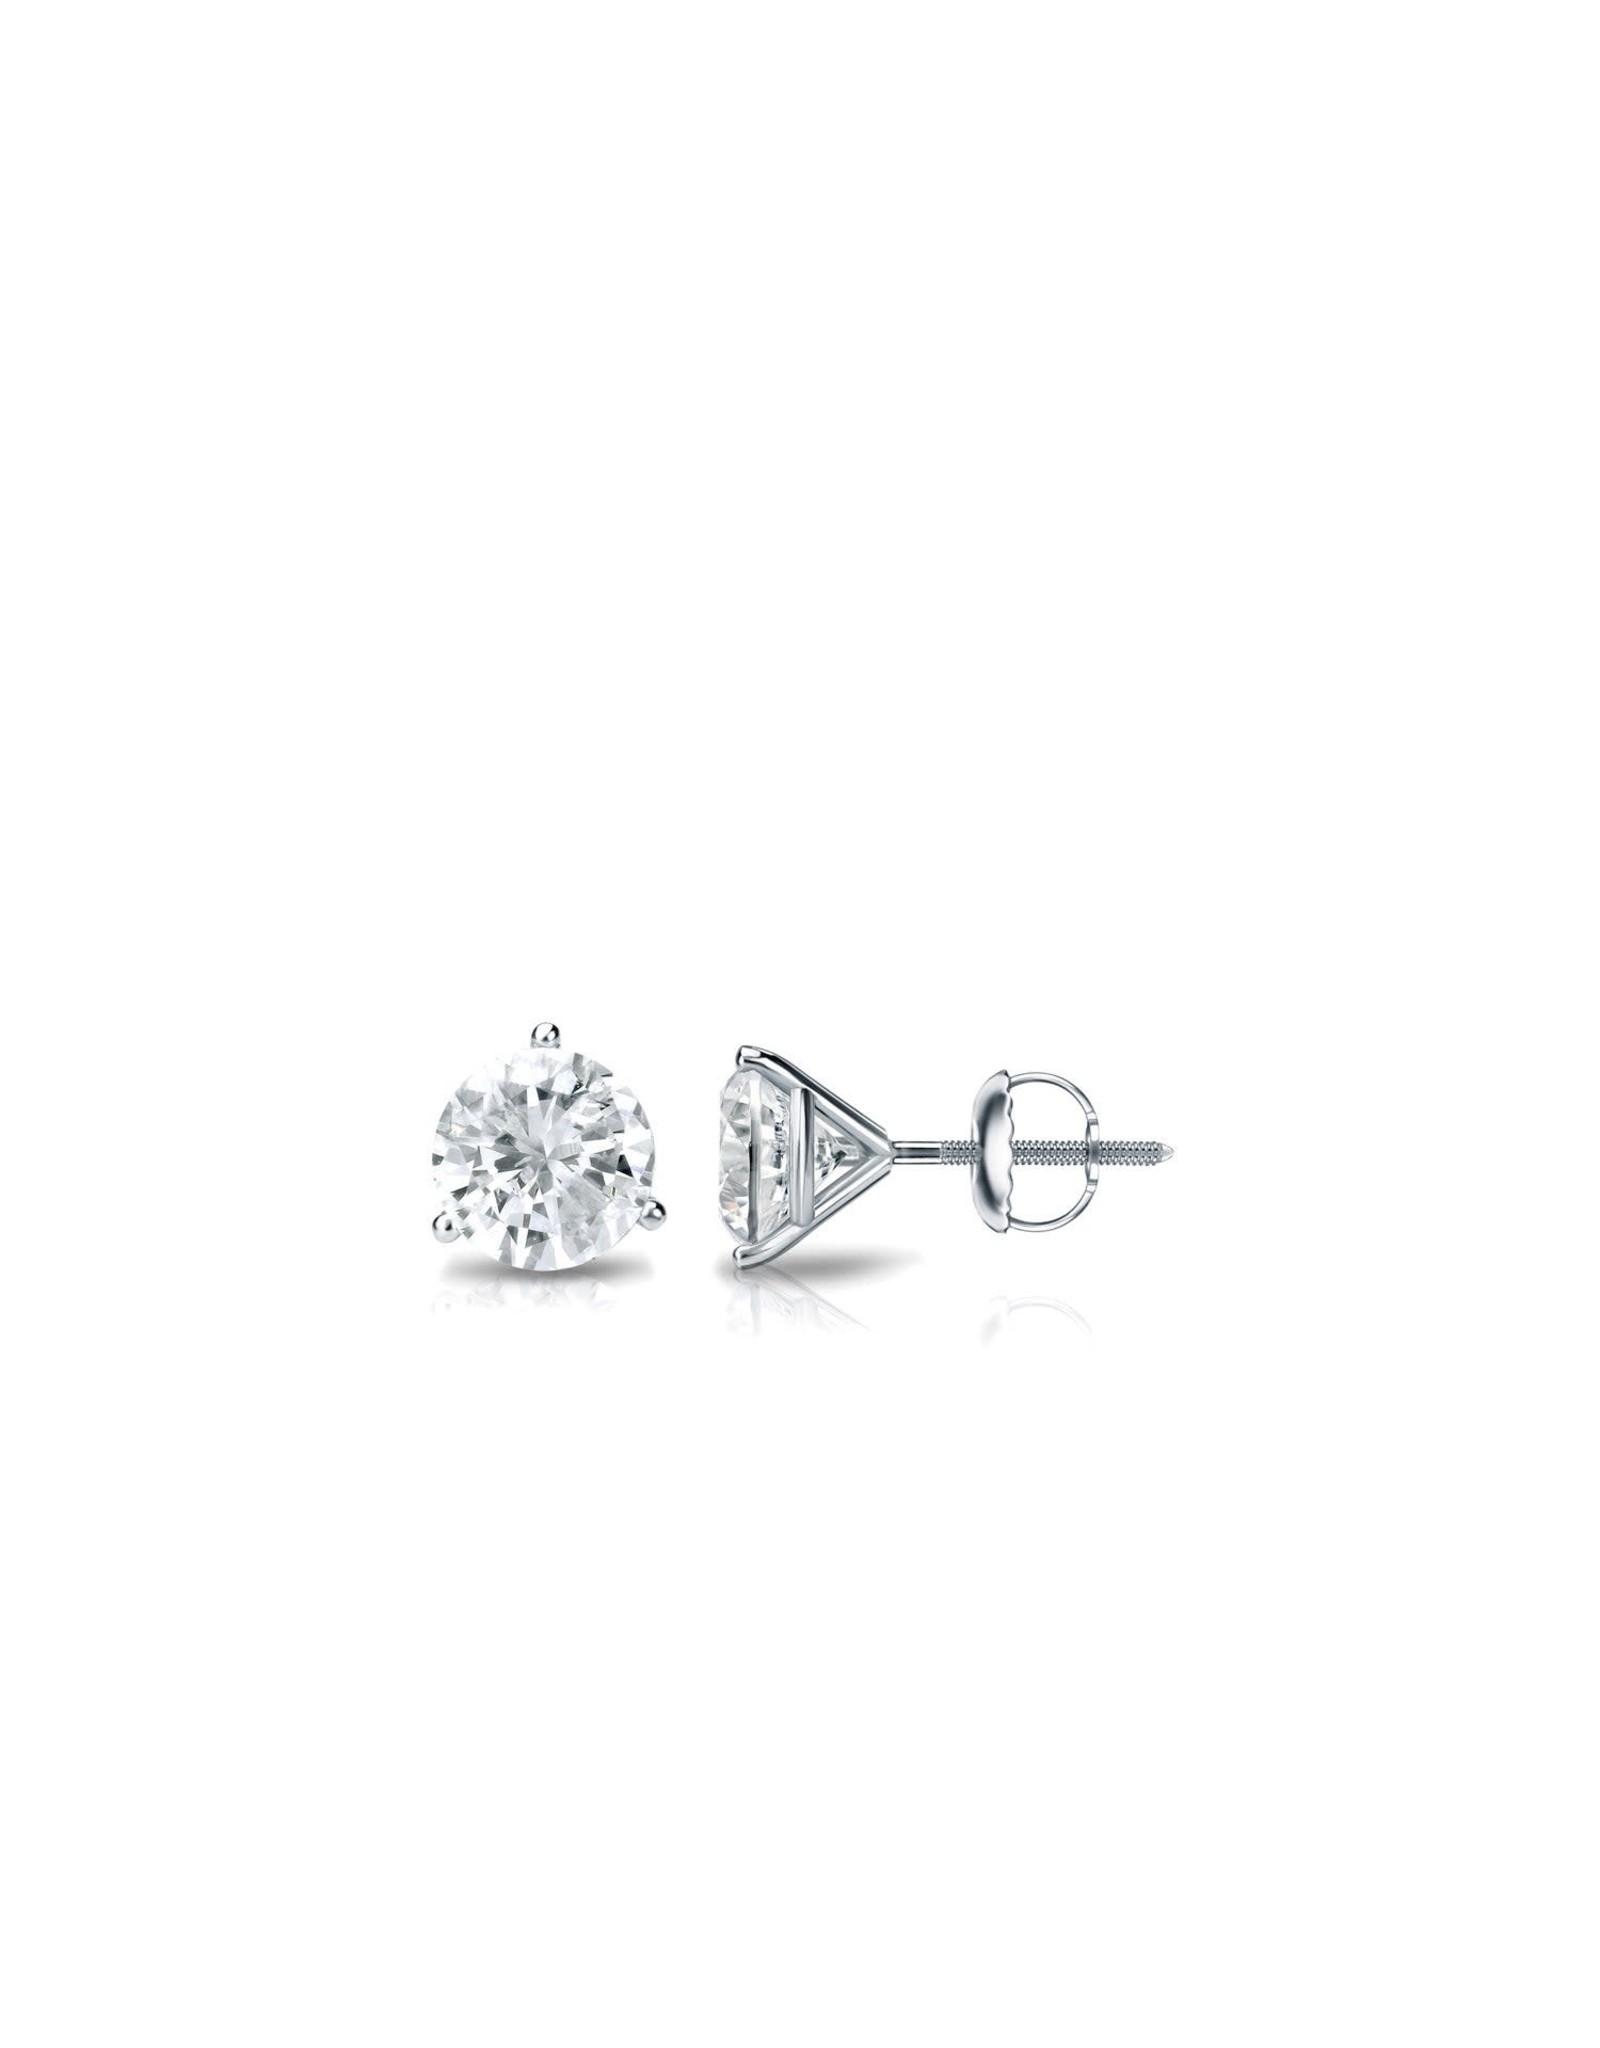 18K White Gold Martini Setting Diamond Stud Earrings, D: 0.63cts